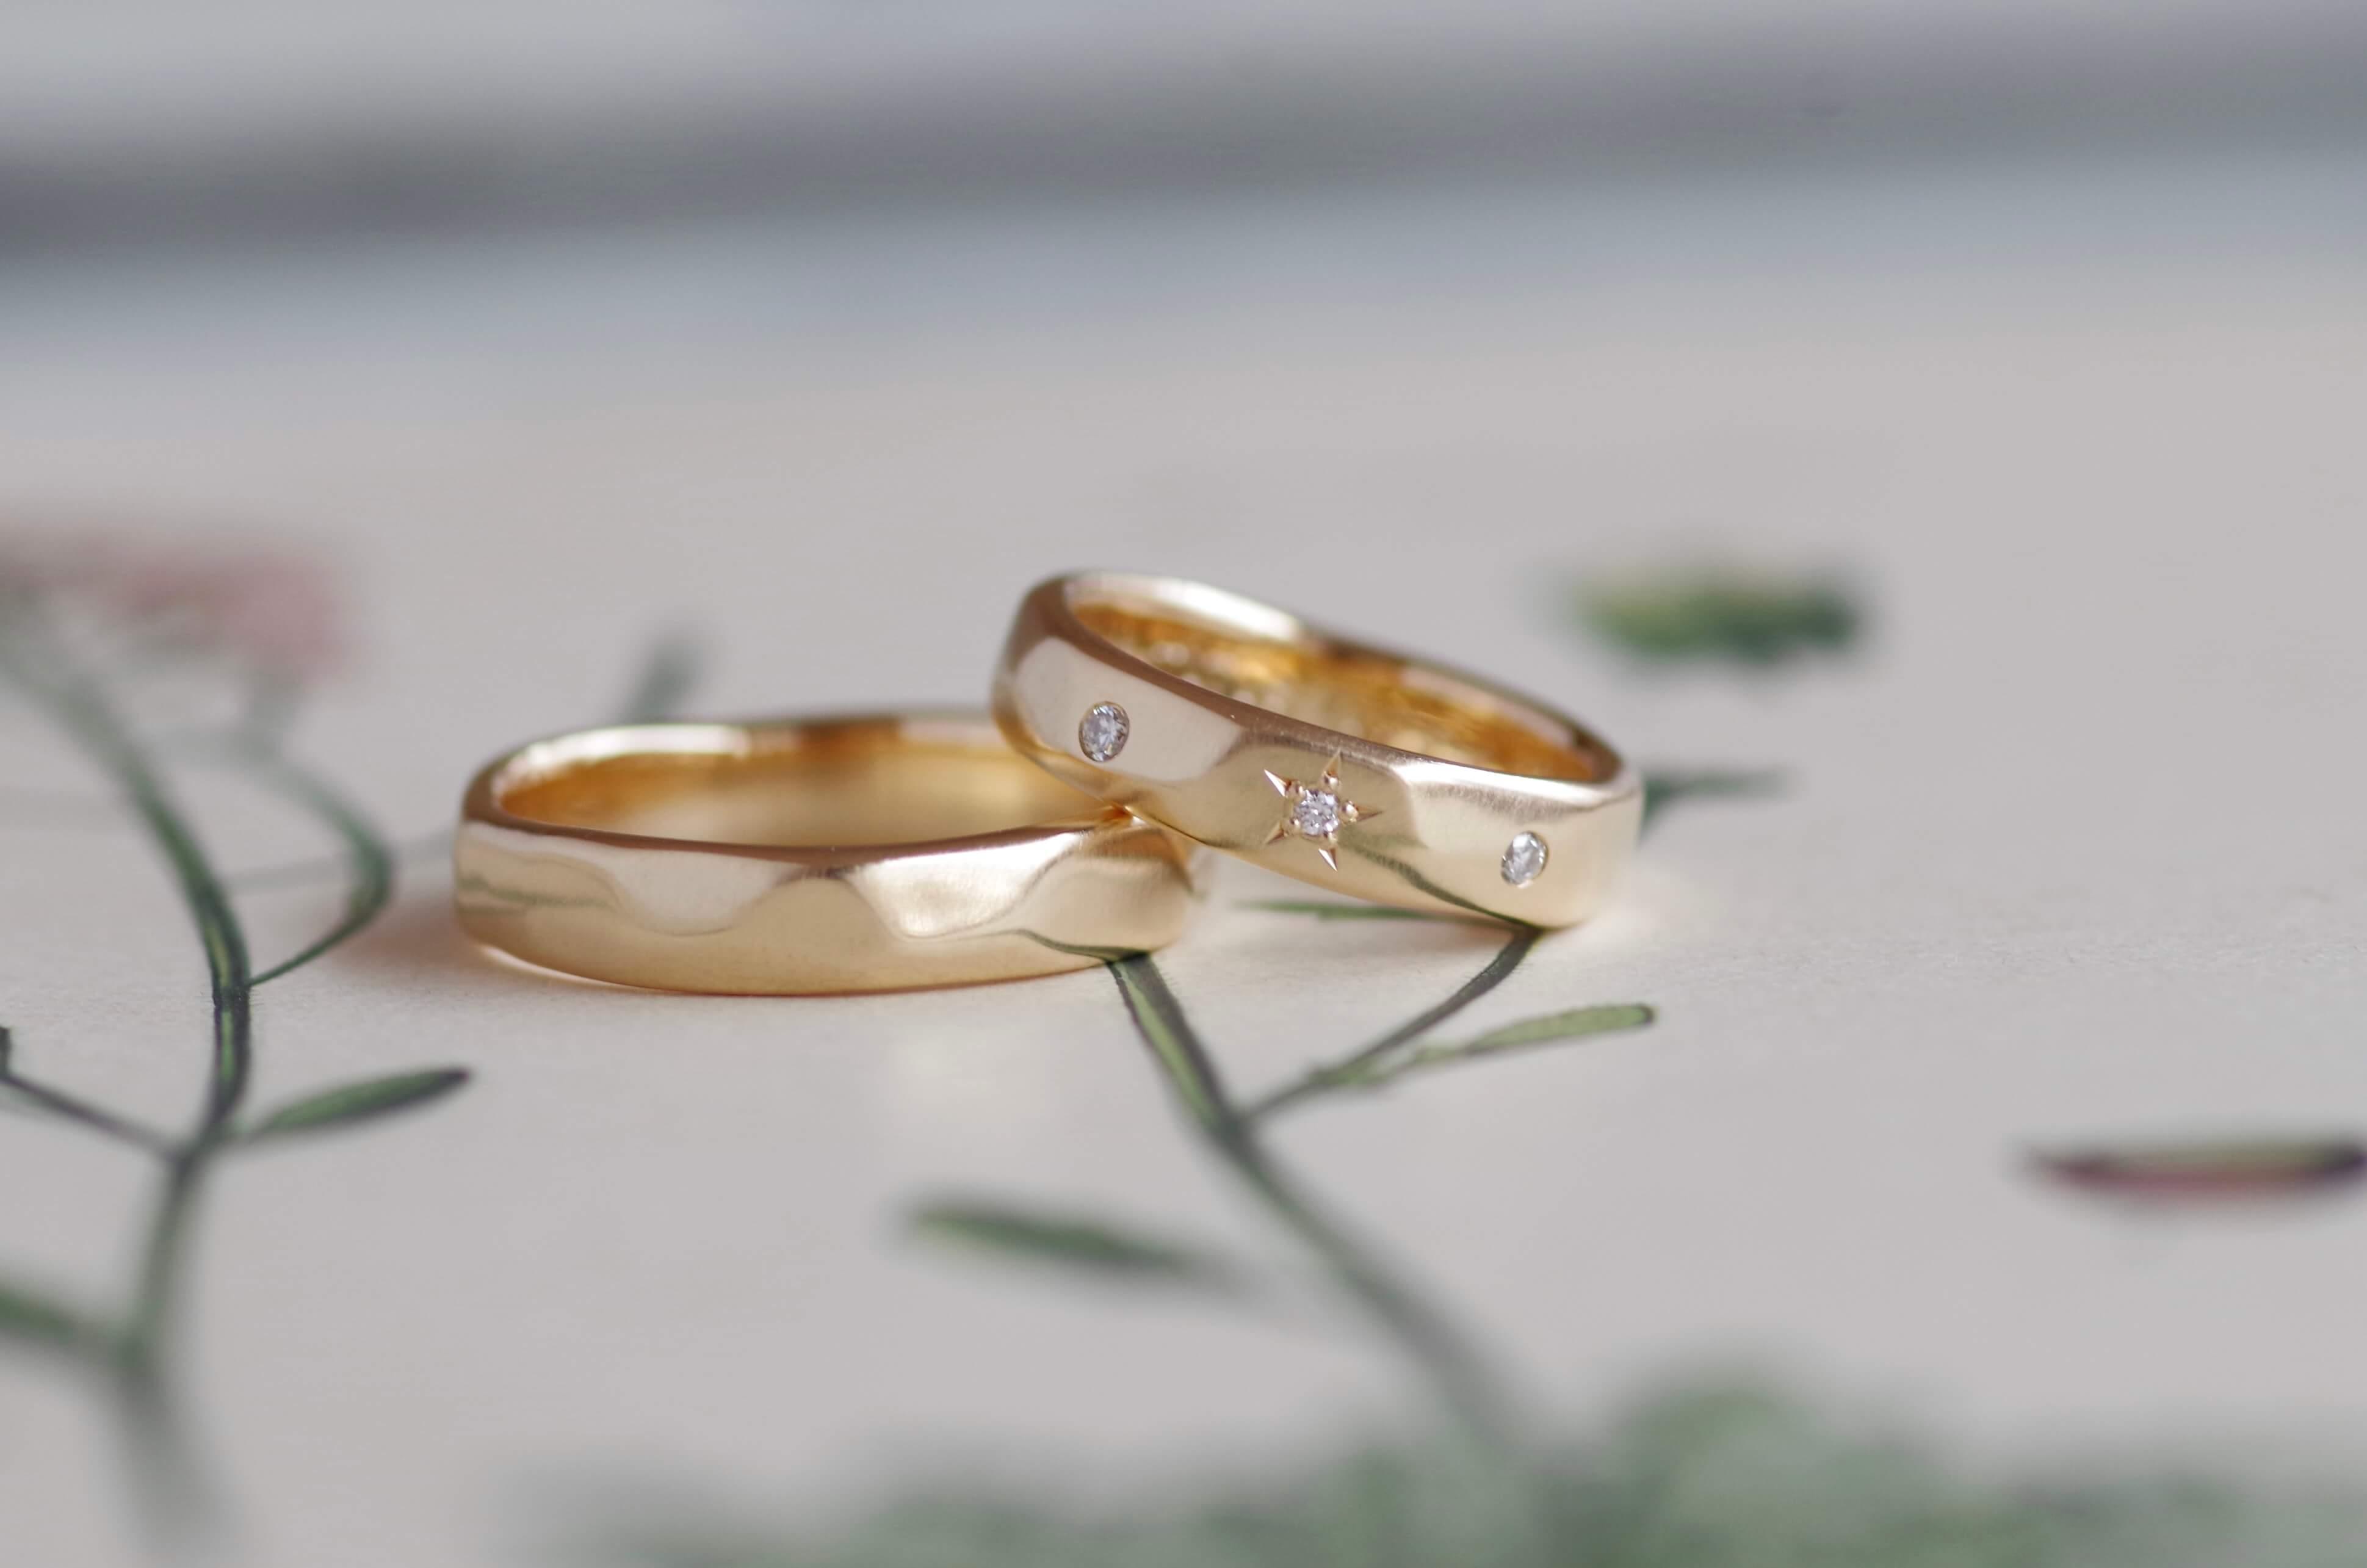 結婚指輪 オーダーメイド ダイヤモンド追加 槌目